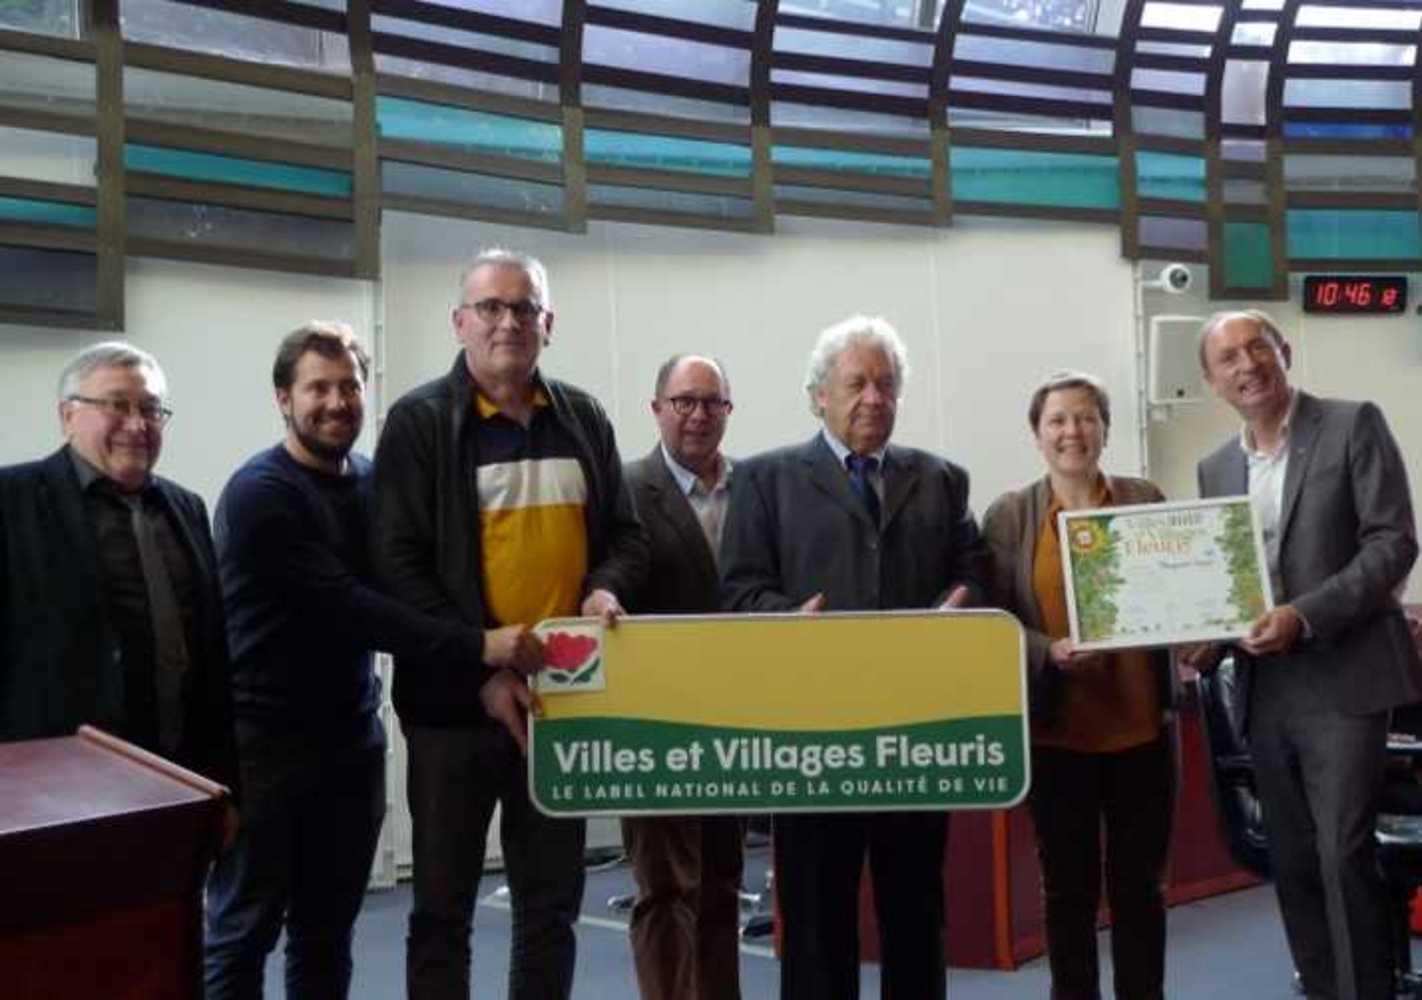 Concours régional villes et villages fleuris : Première Fleur pour Plouguenast-Langast image2